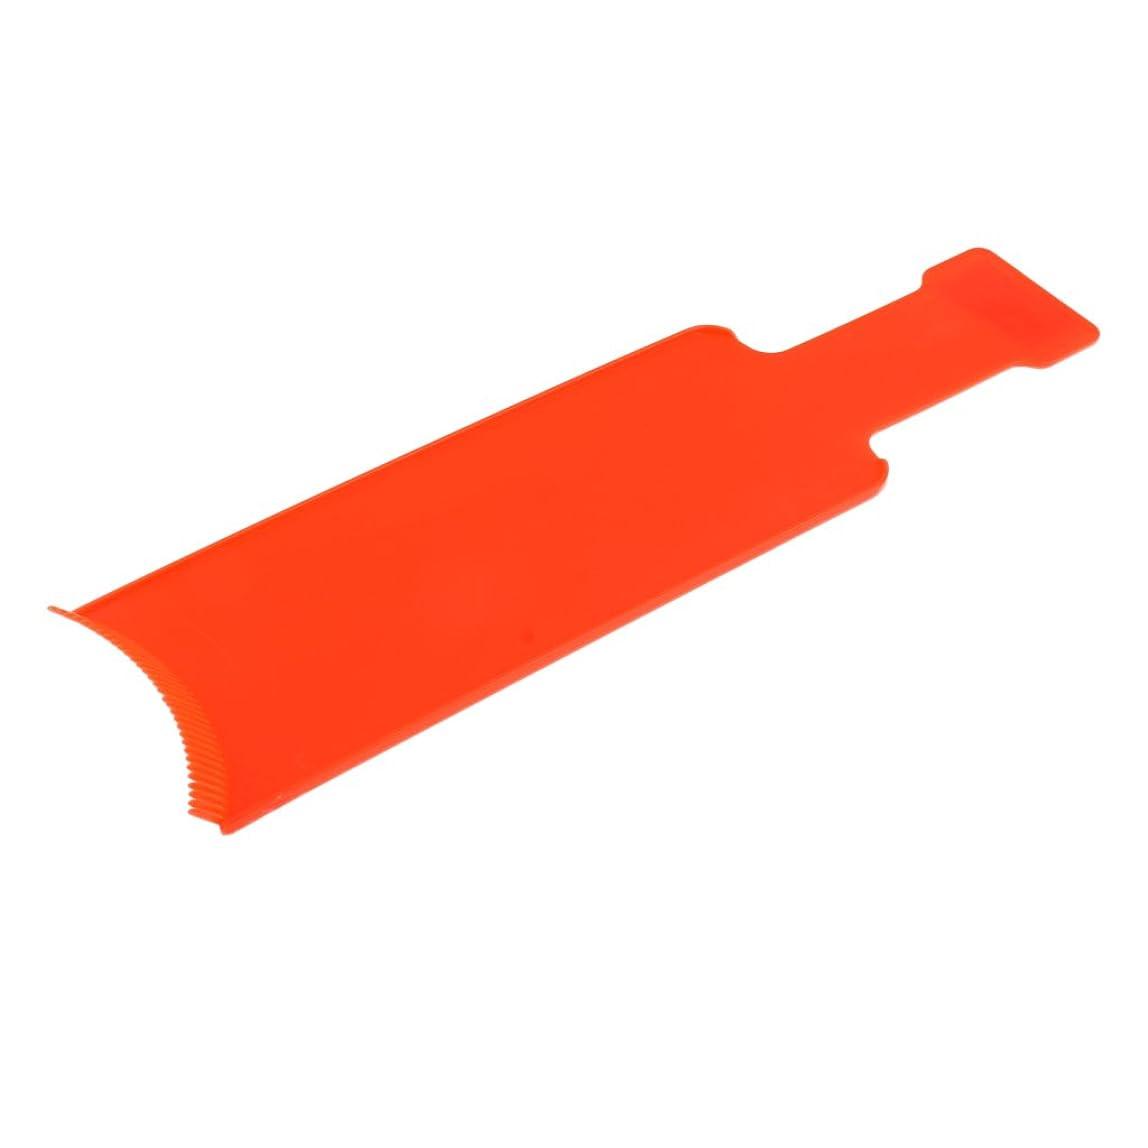 電化する航空会社全体Perfk 染色櫛プレート 染めボード ヘアカラー 櫛 着色ボード ヘアブラシ セルフヘルプ プロ 家庭用 2サイズ2色選べる - L, オレンジ